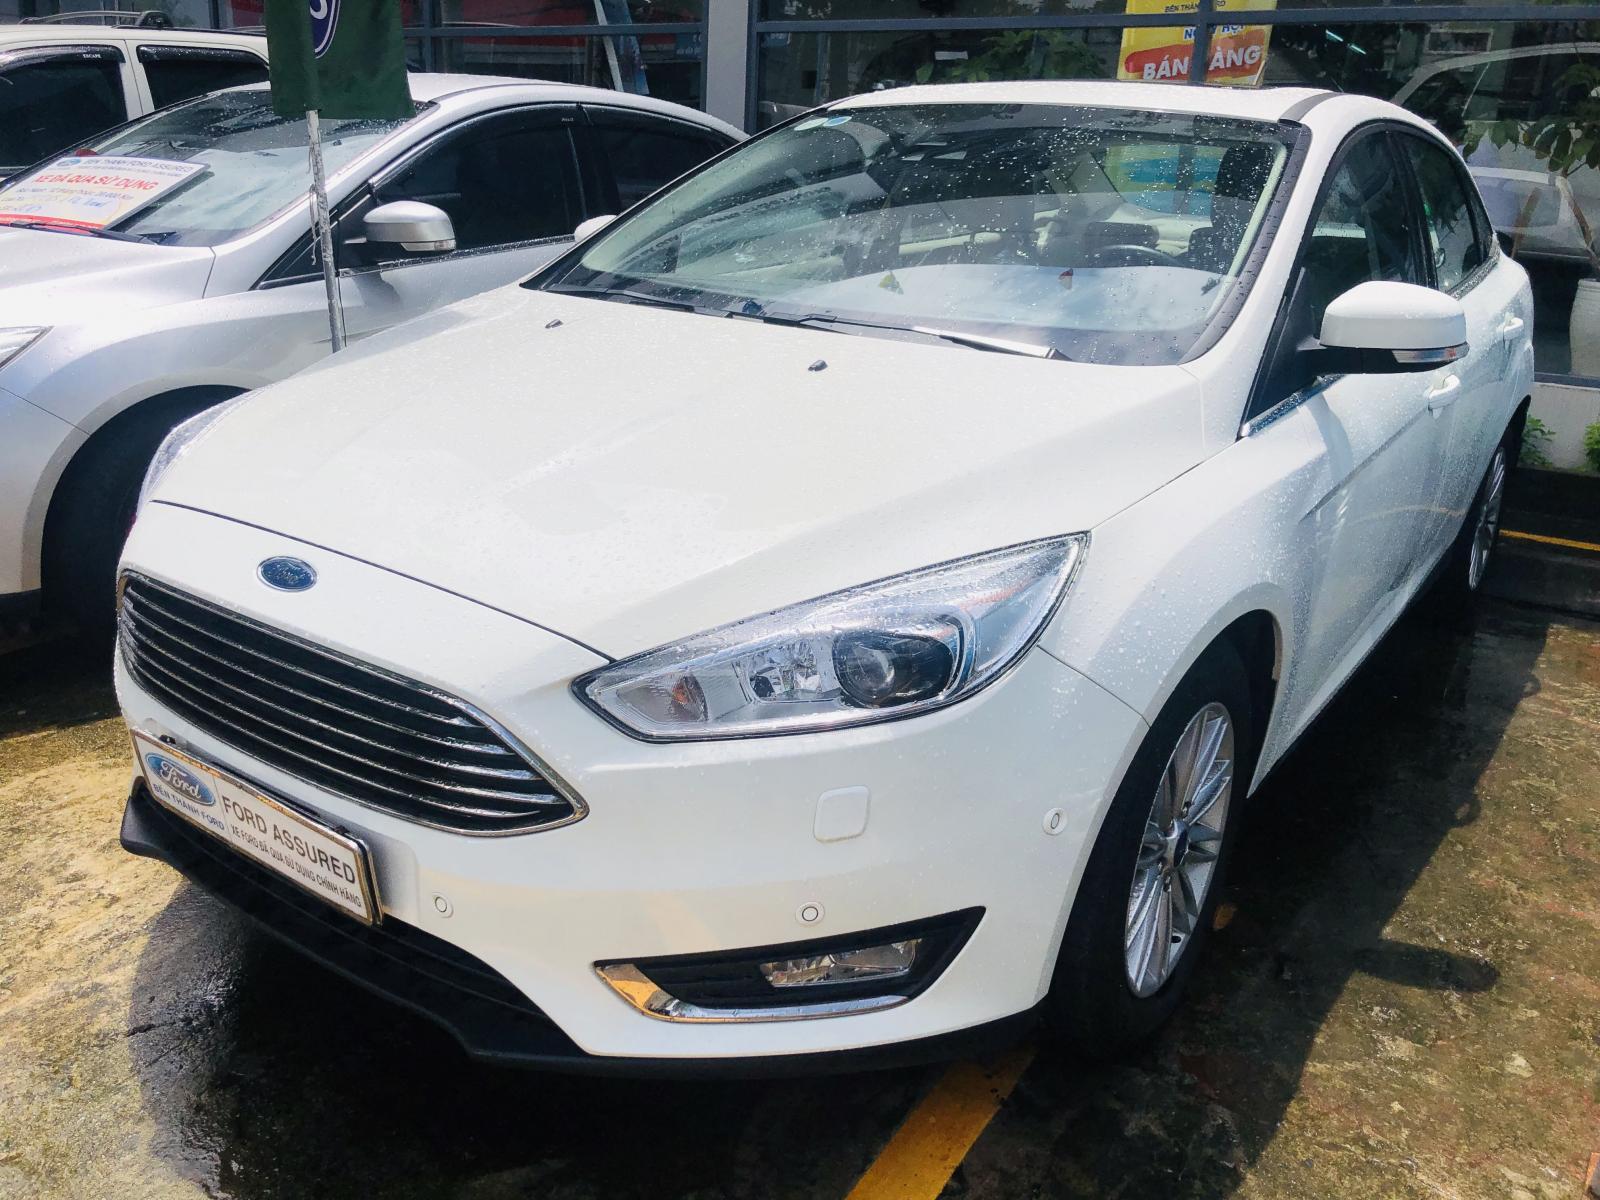 Cần bán Ford Focus sản xuất 2018, màu trắng, xe gia đình giá tốt 679 triệu đồng